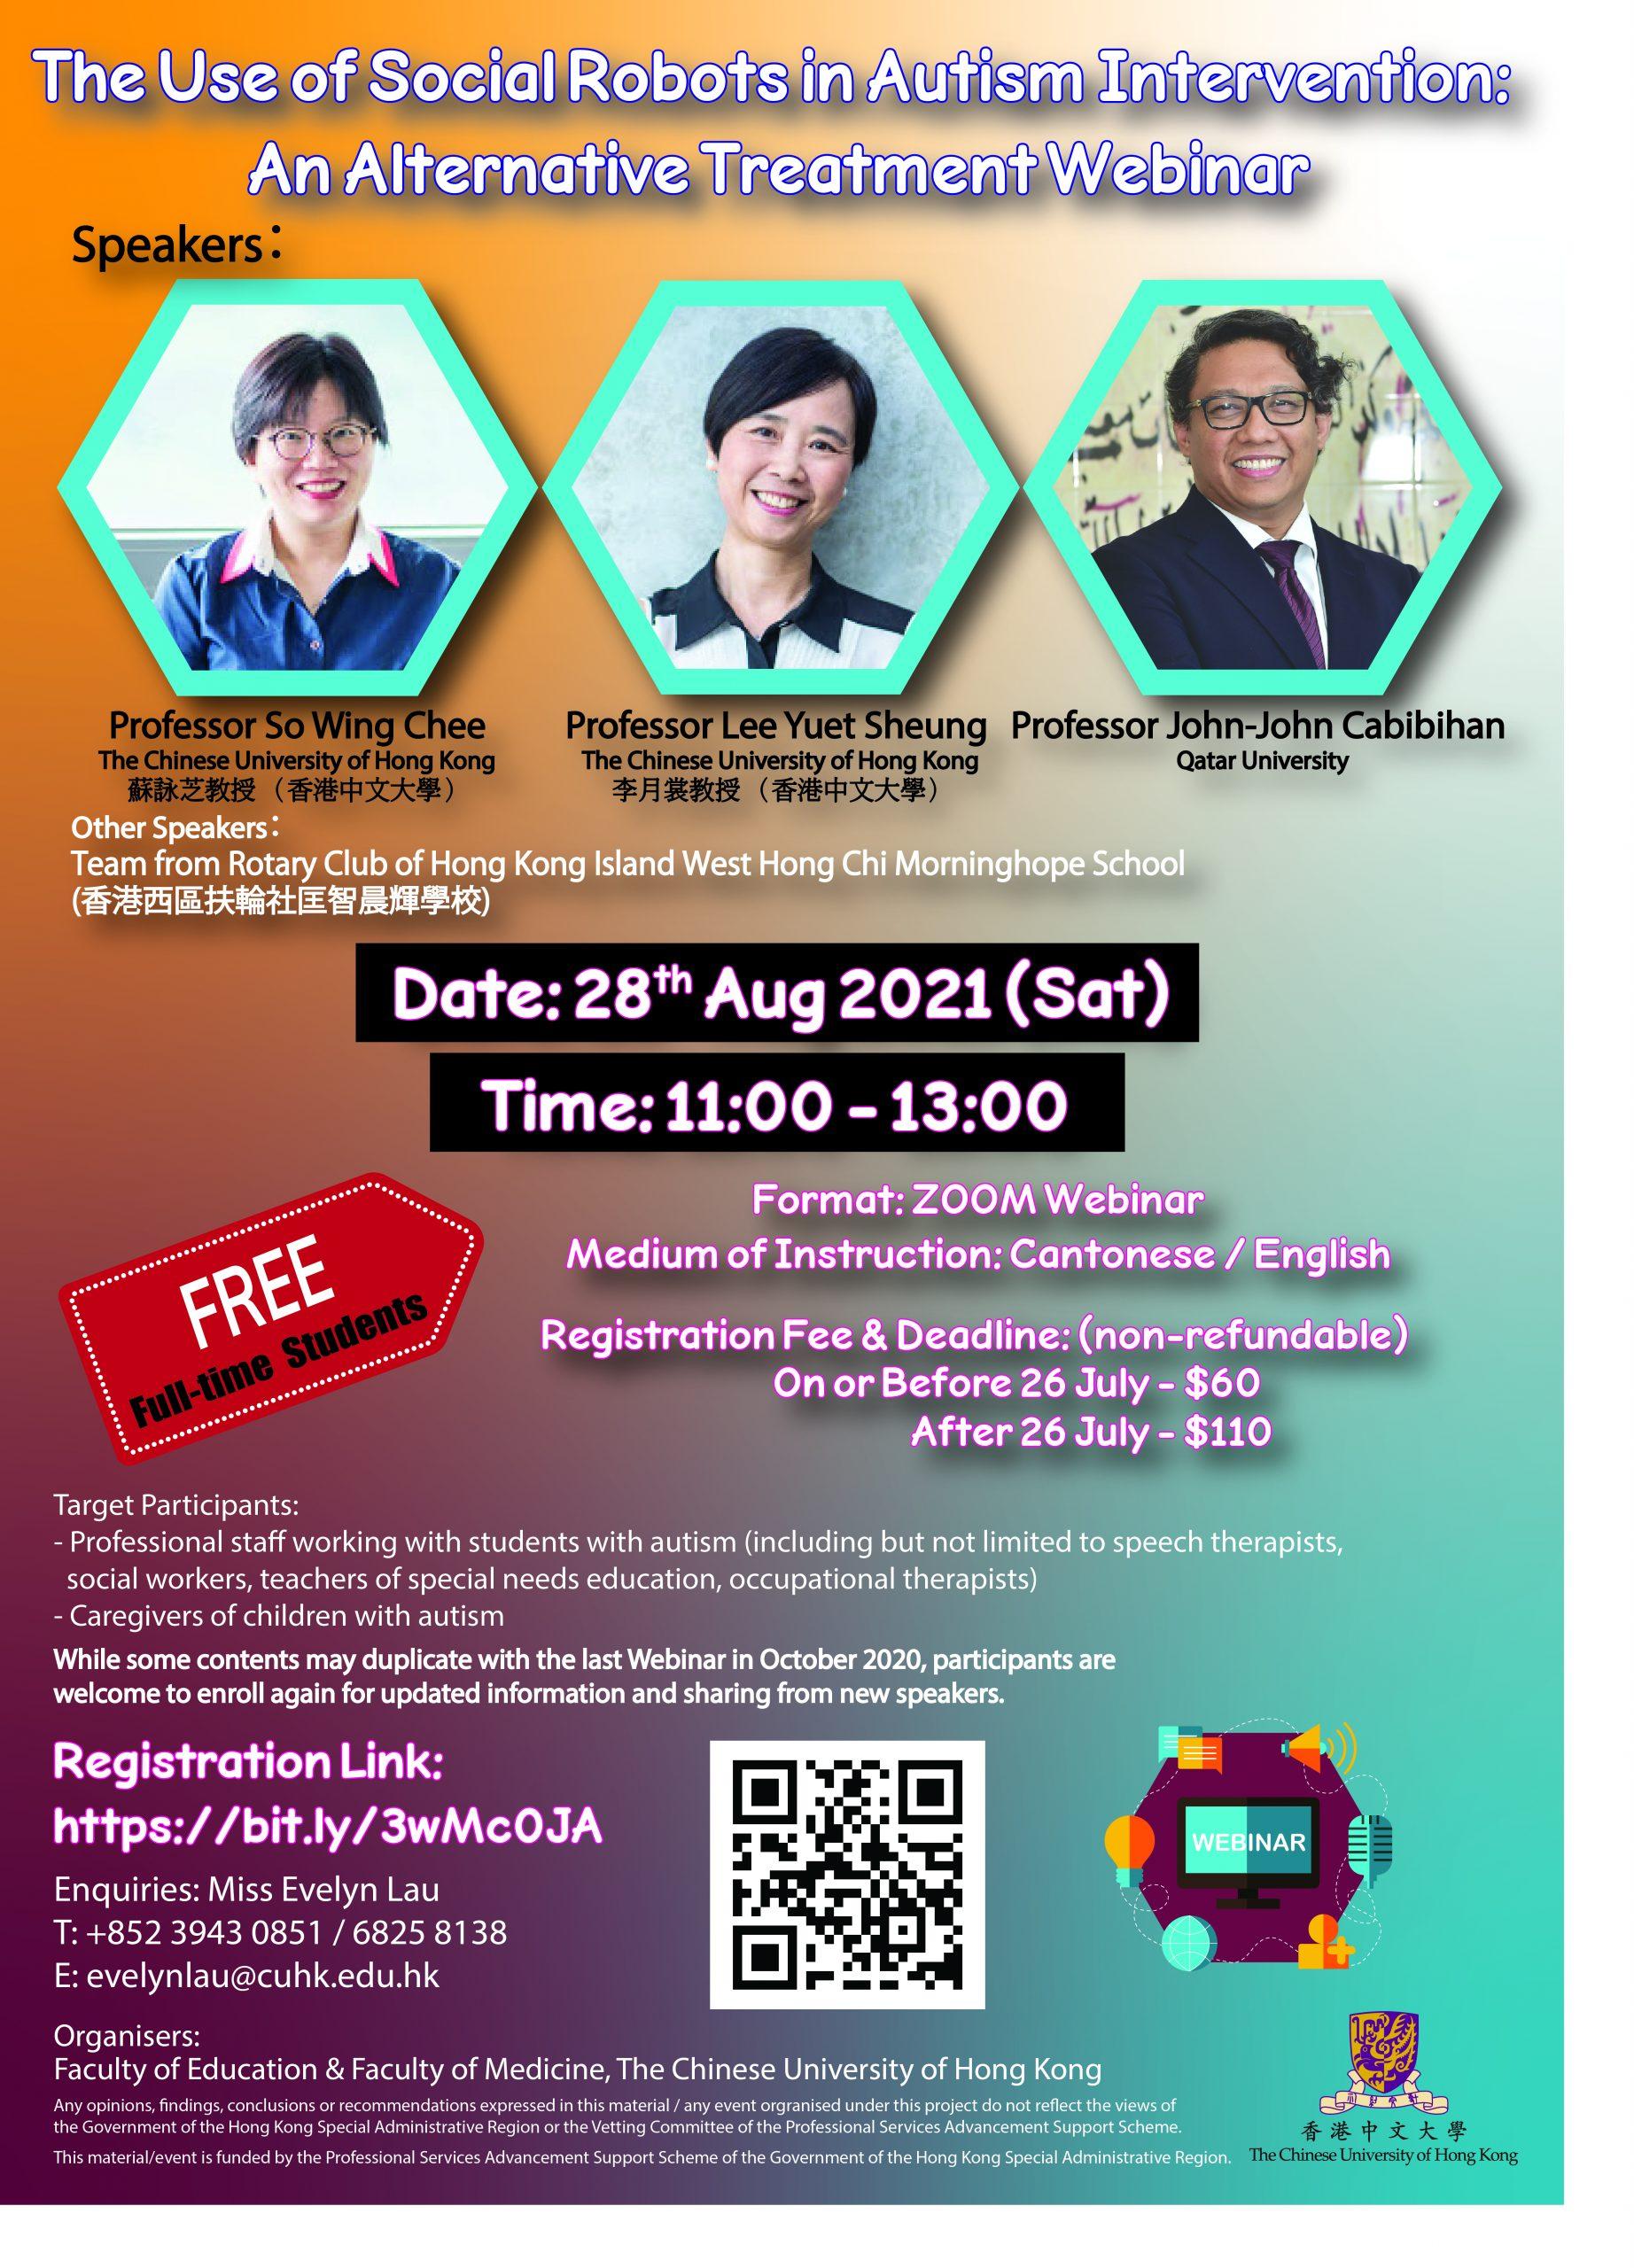 自閉症介入:以社交機械人作替代治療 (網絡研討會)